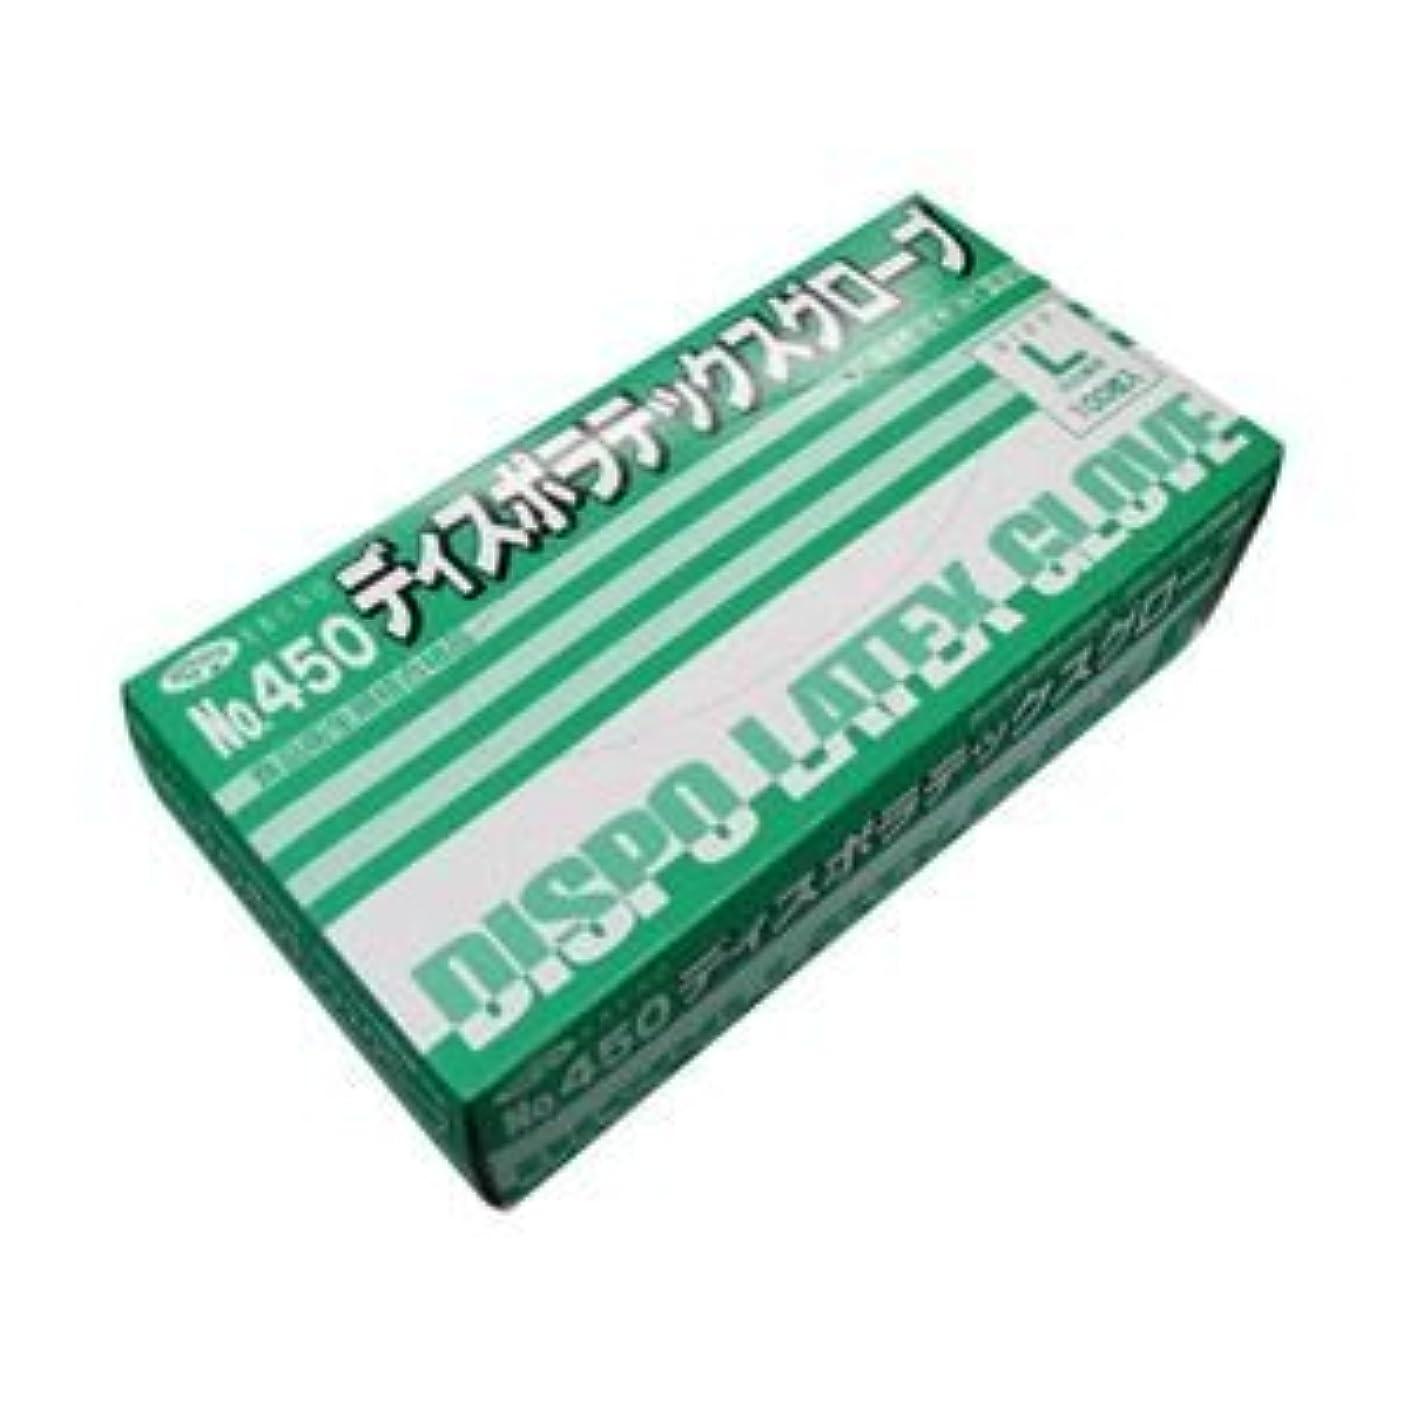 古代魅力的どこでもエブノ No.450 ディスポラテックスグローブ 粉つき Lサイズ 1箱100枚